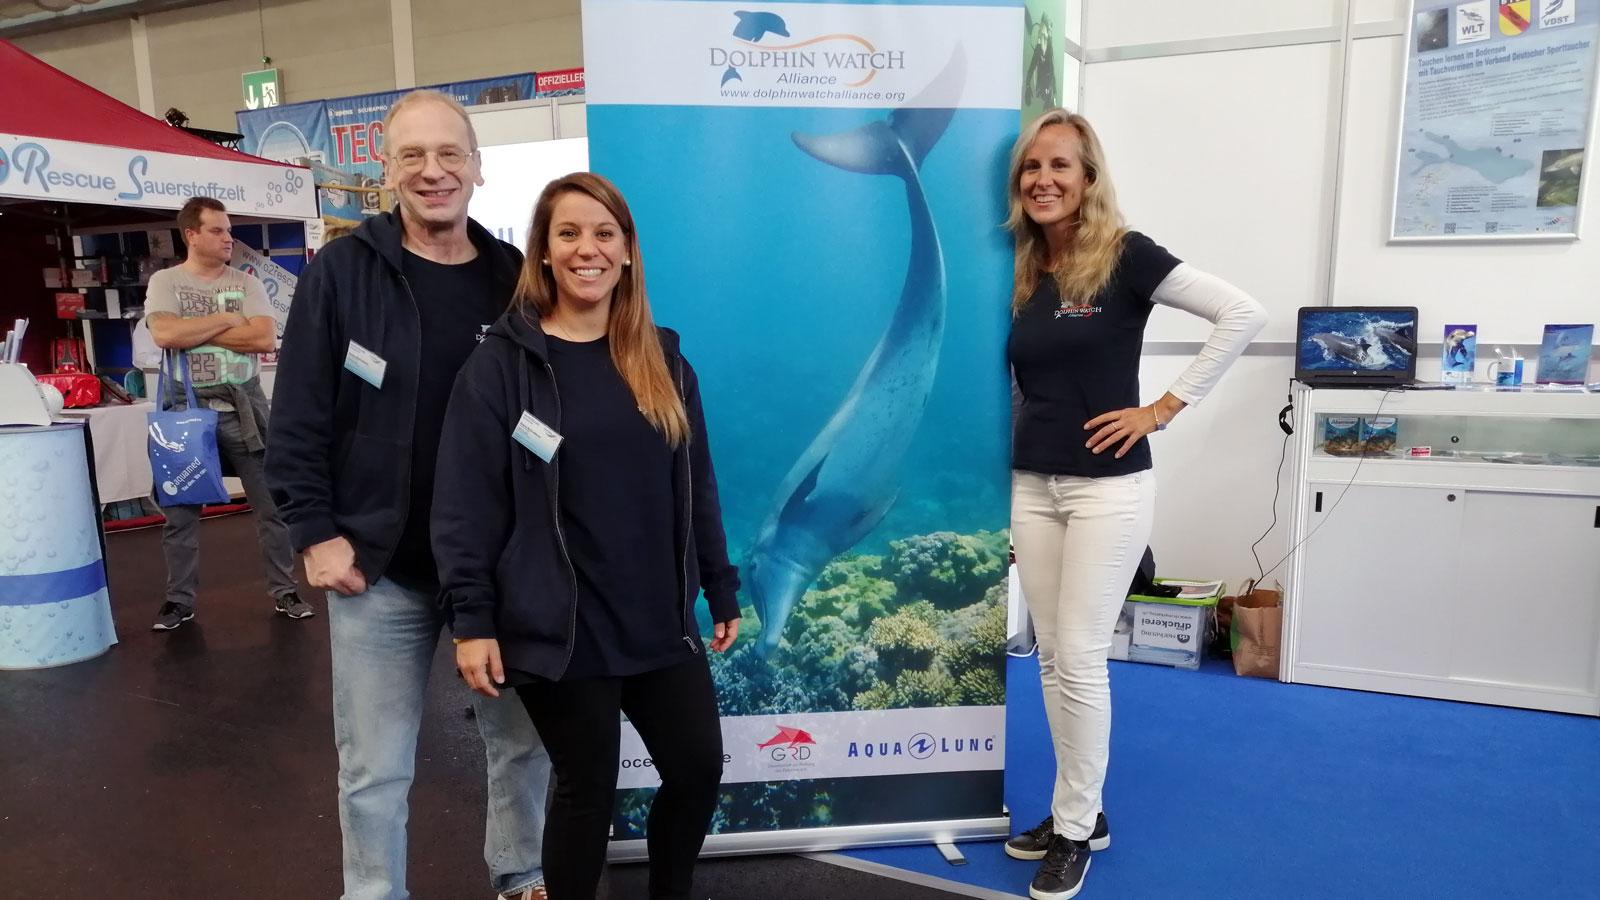 Dolphin Watch Alliance at the Interdive in Friedrichshafen